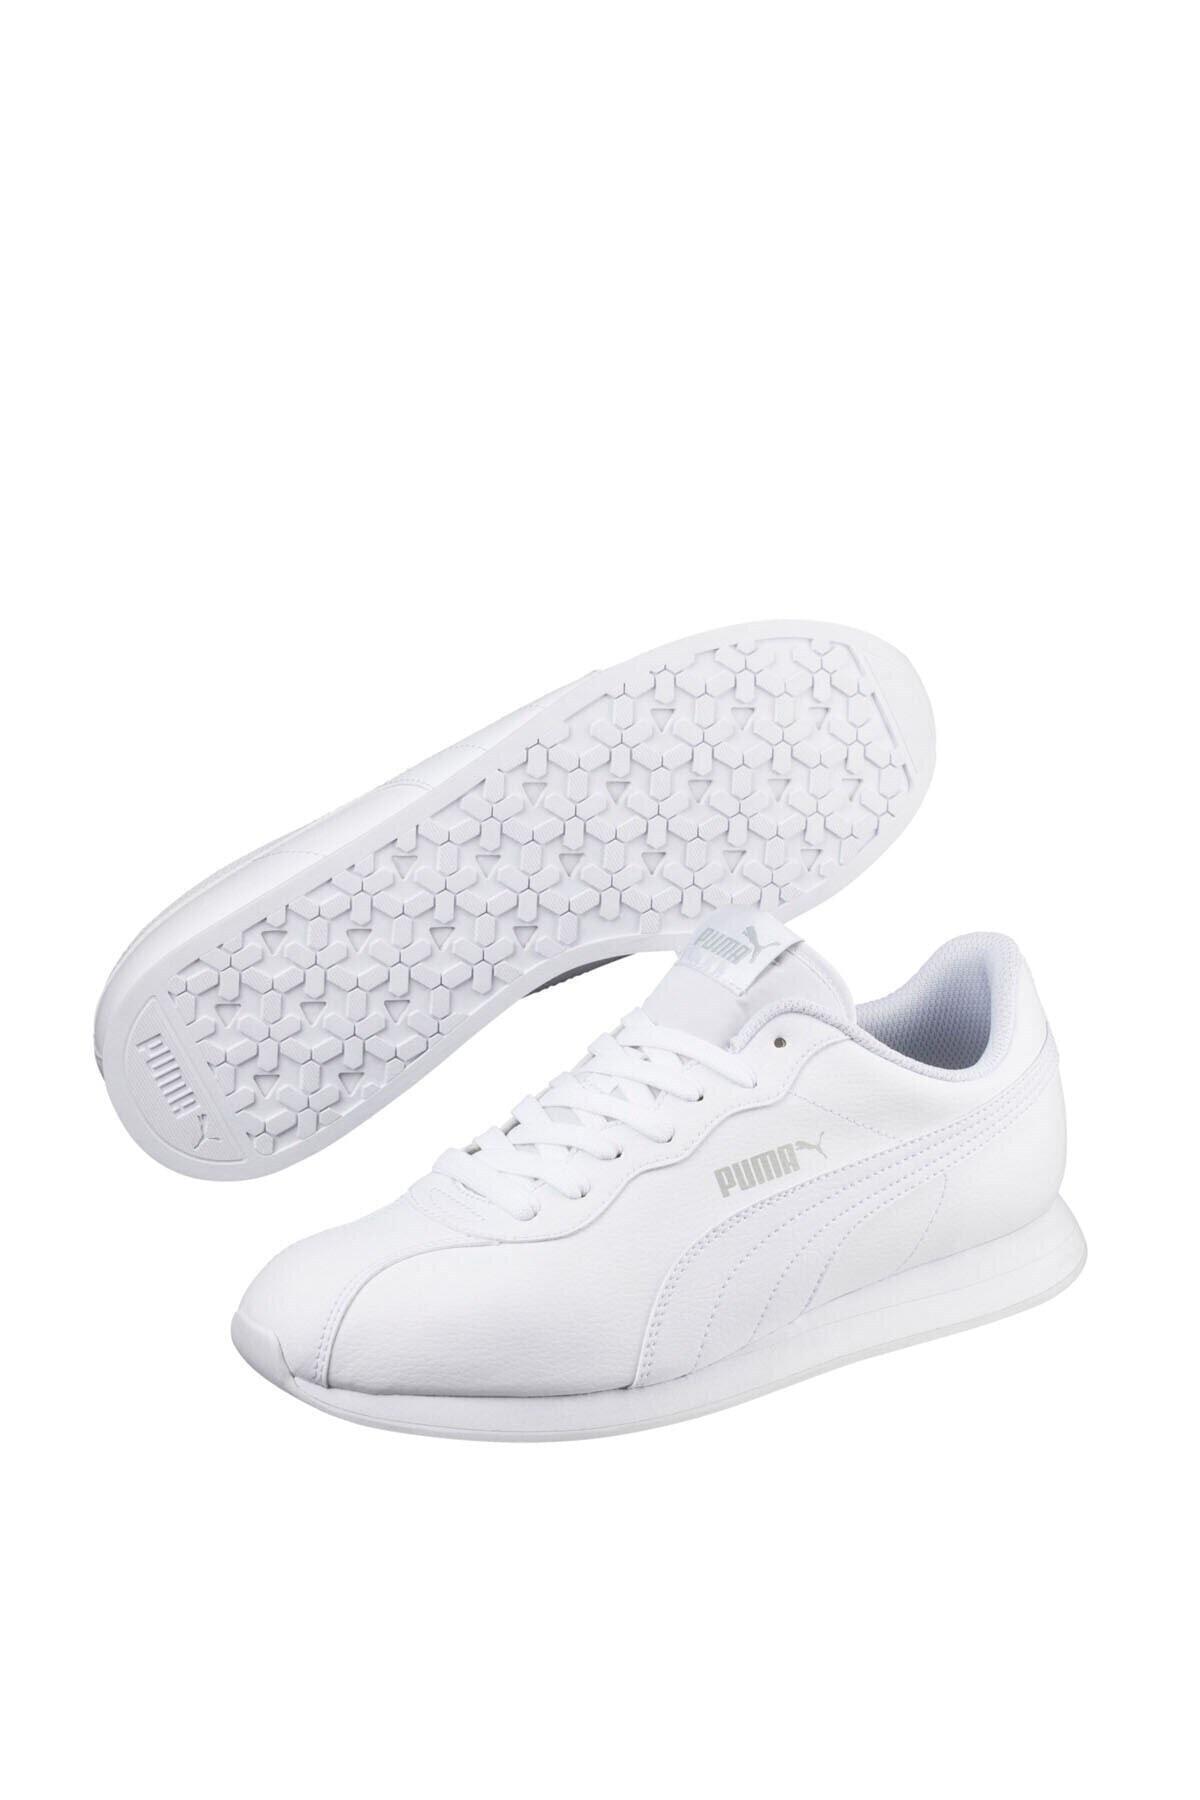 Puma TURIN II Beyaz Erkek Sneaker Ayakkabı 100352193 1